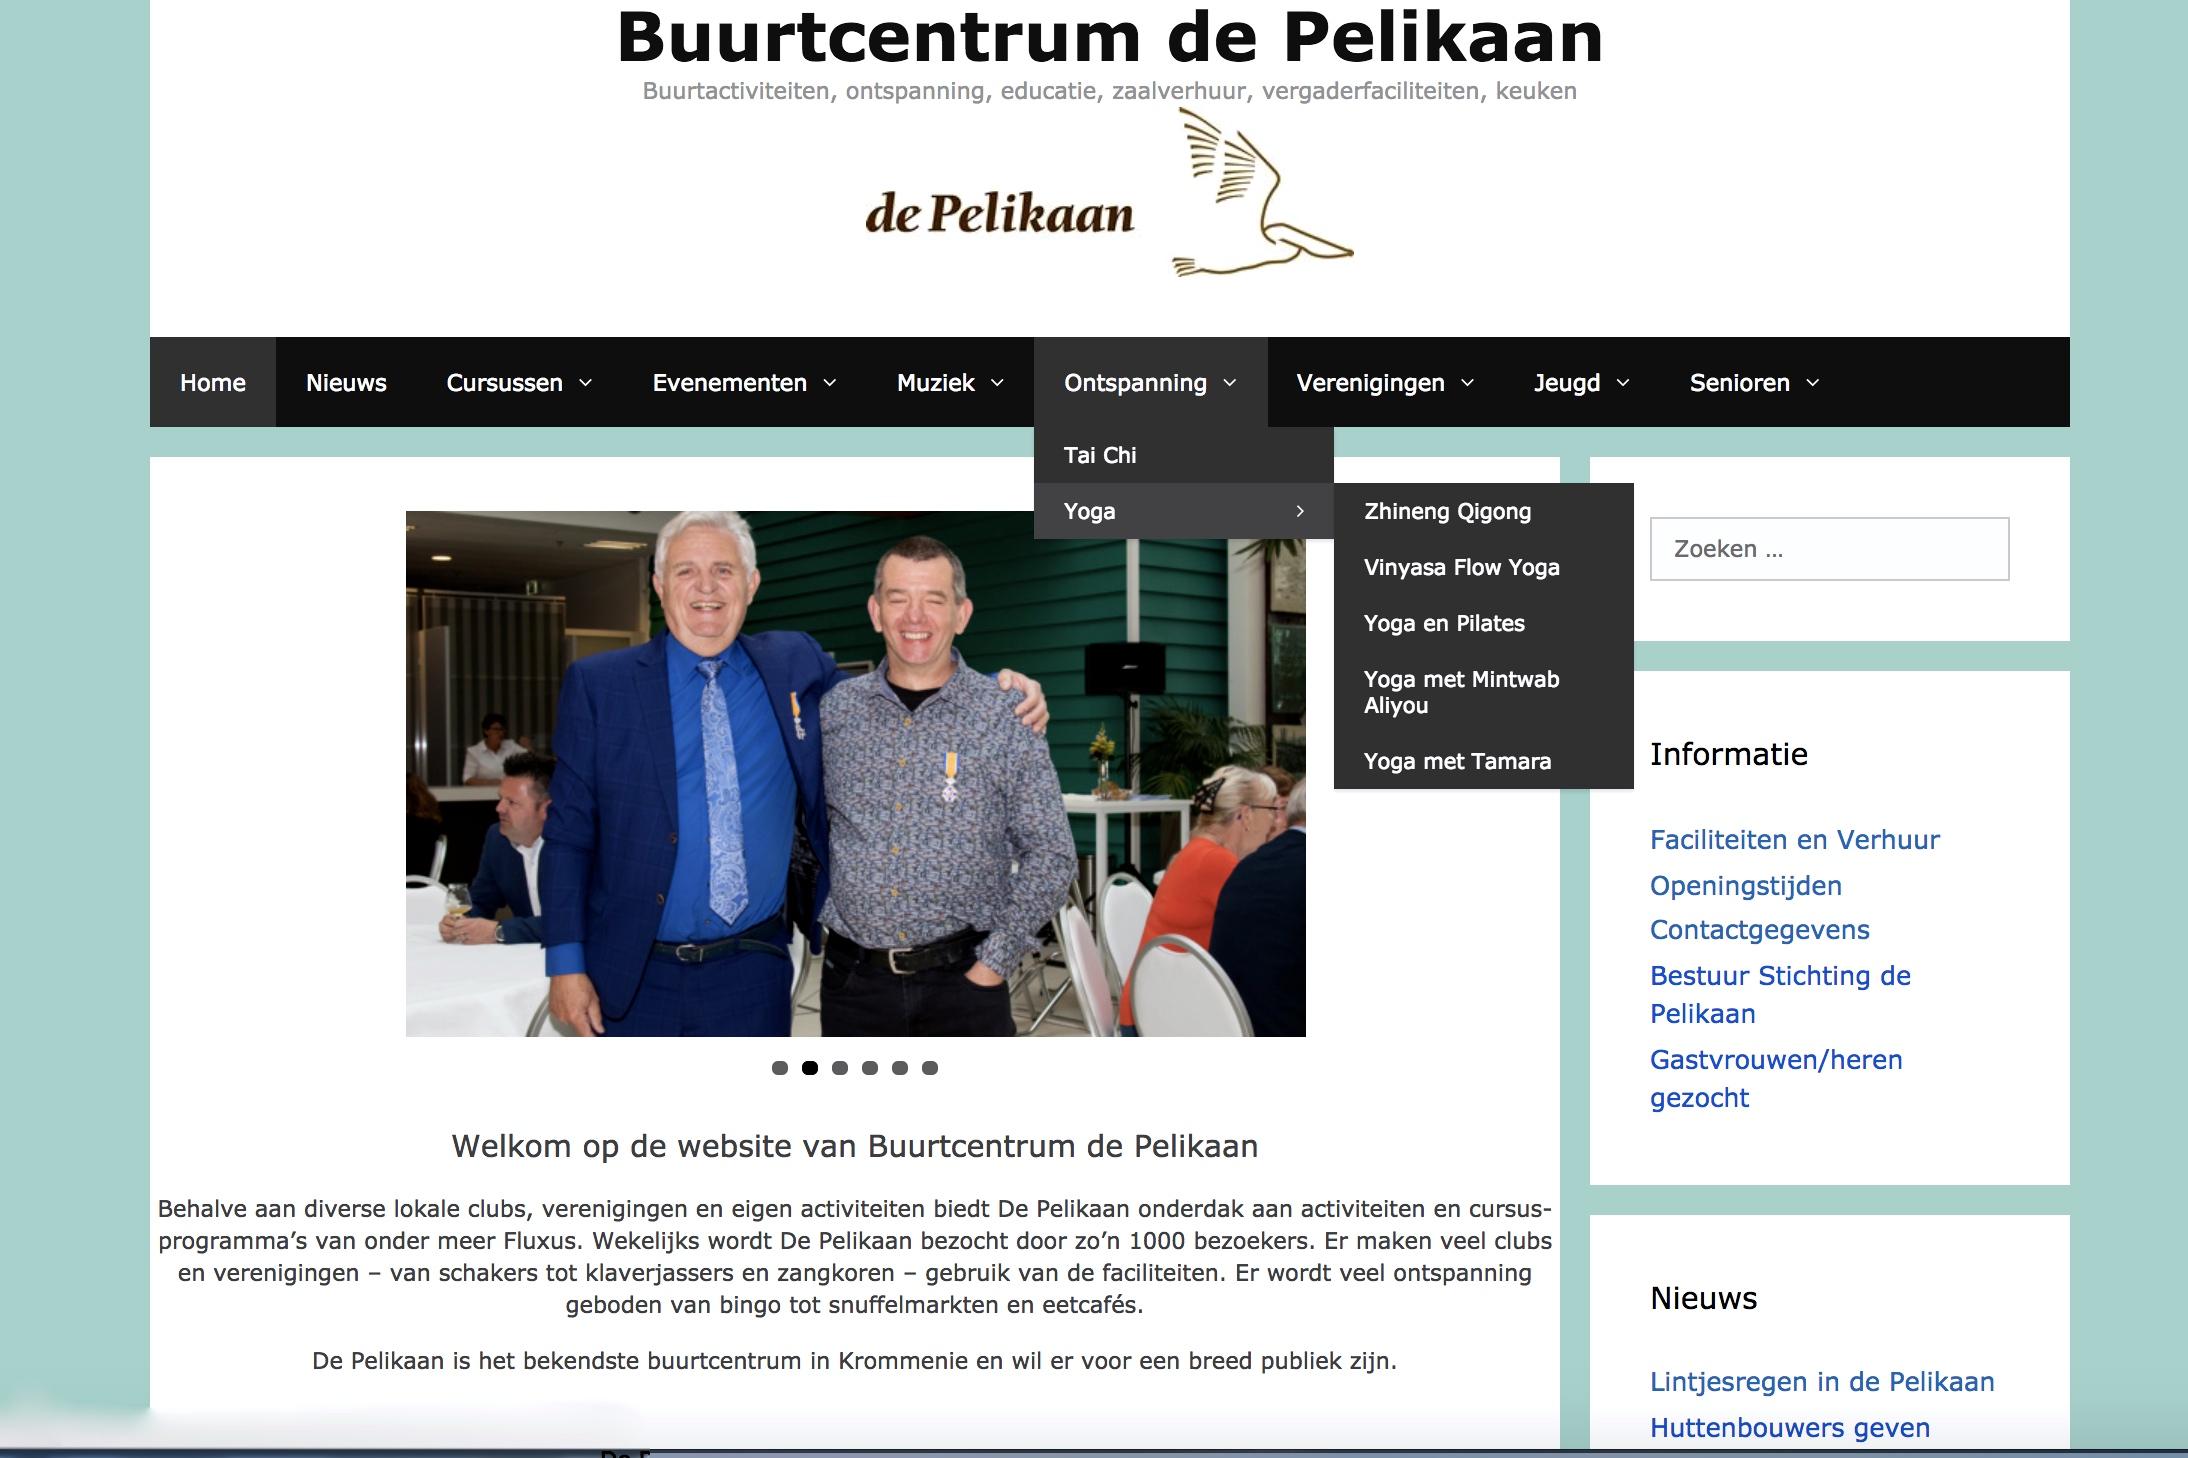 Nieuwe website voor de Pelikaan